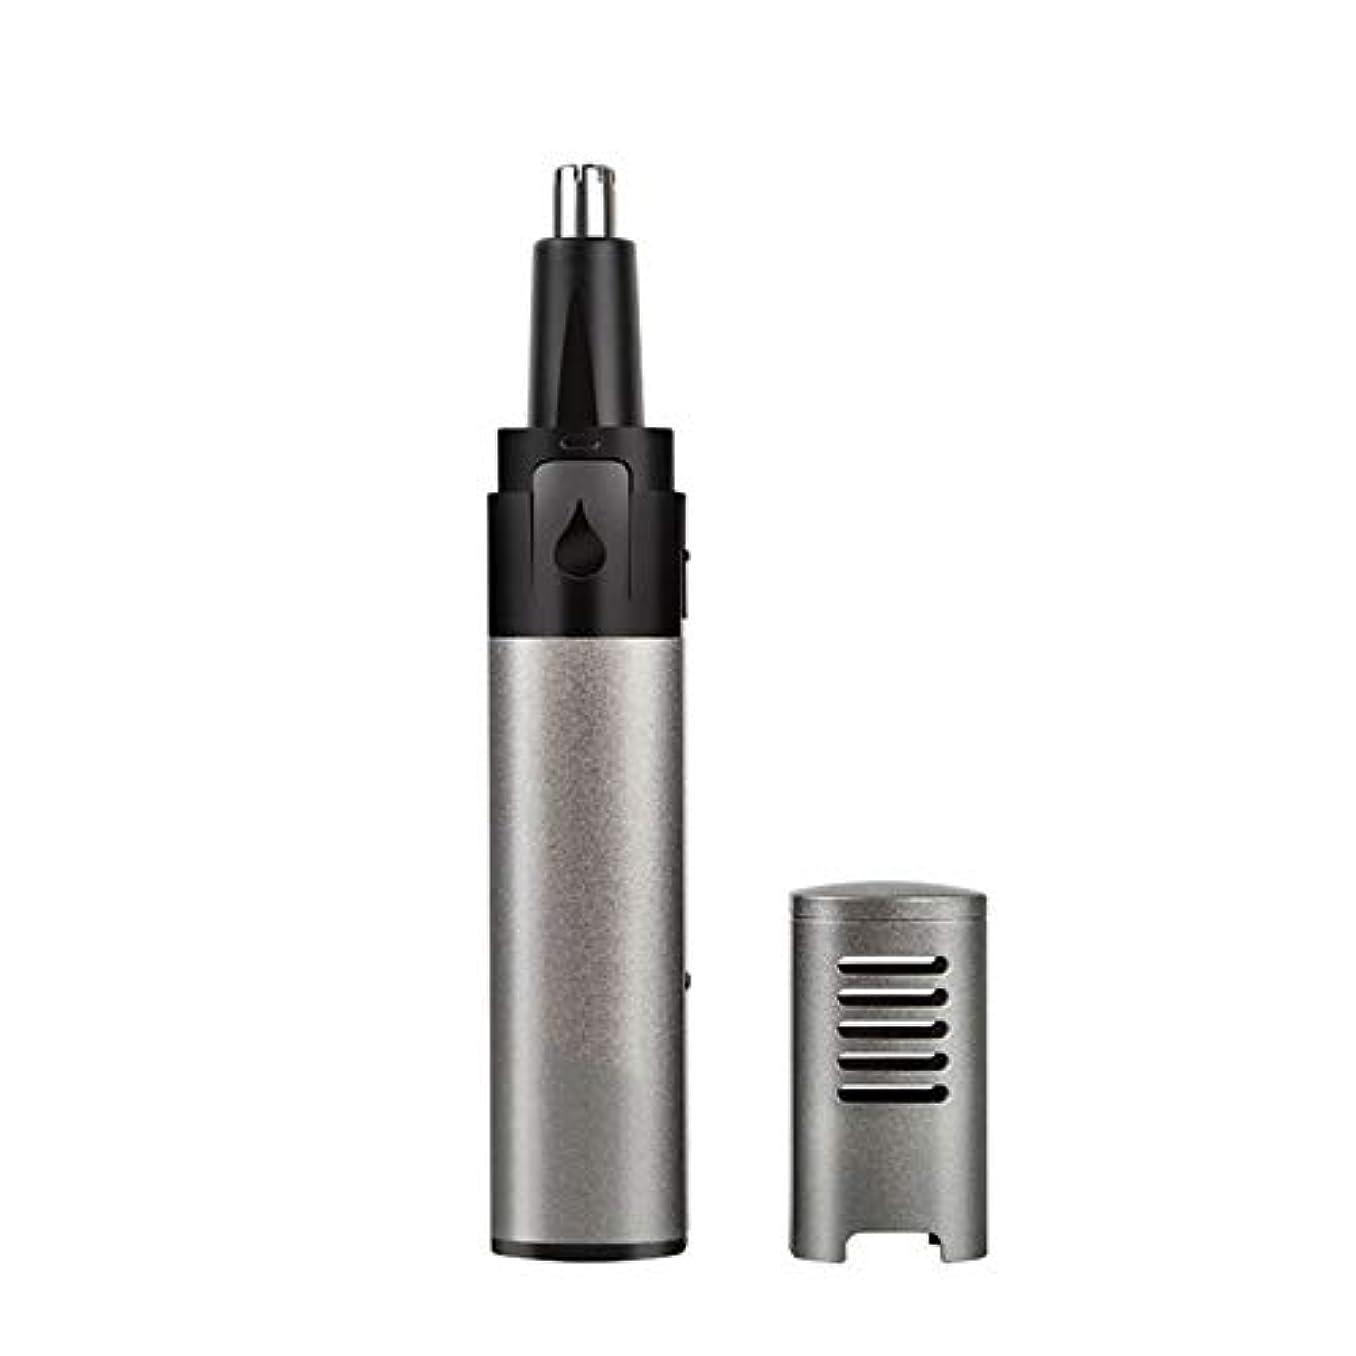 お酒ハイランドアプローチ鼻毛カッター はなげカッター 電気鼻毛トリマーメンズ女性USB充電式シェービング鼻毛ポータブルボディーウォッシュ (Color : Black, Size : USB)